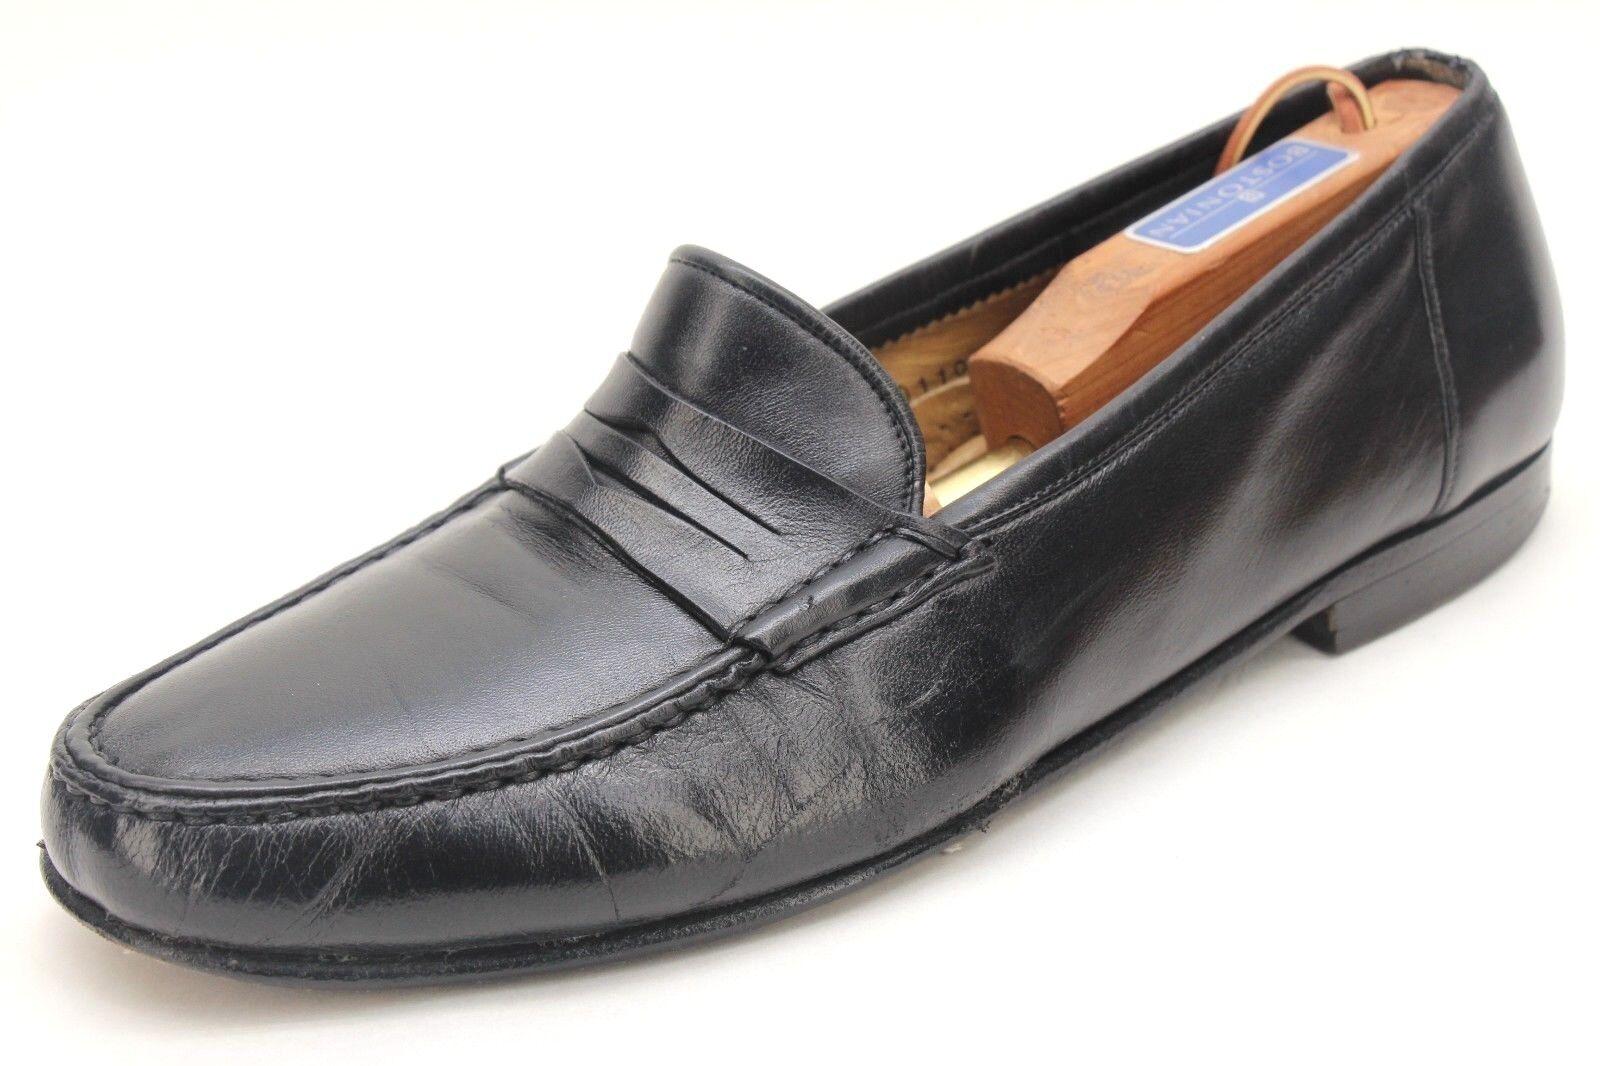 scegli il tuo preferito Santoni Uomo nero Leather Slip On Penny Penny Penny Loafer Dimensione 9.5 D Made In   salutare